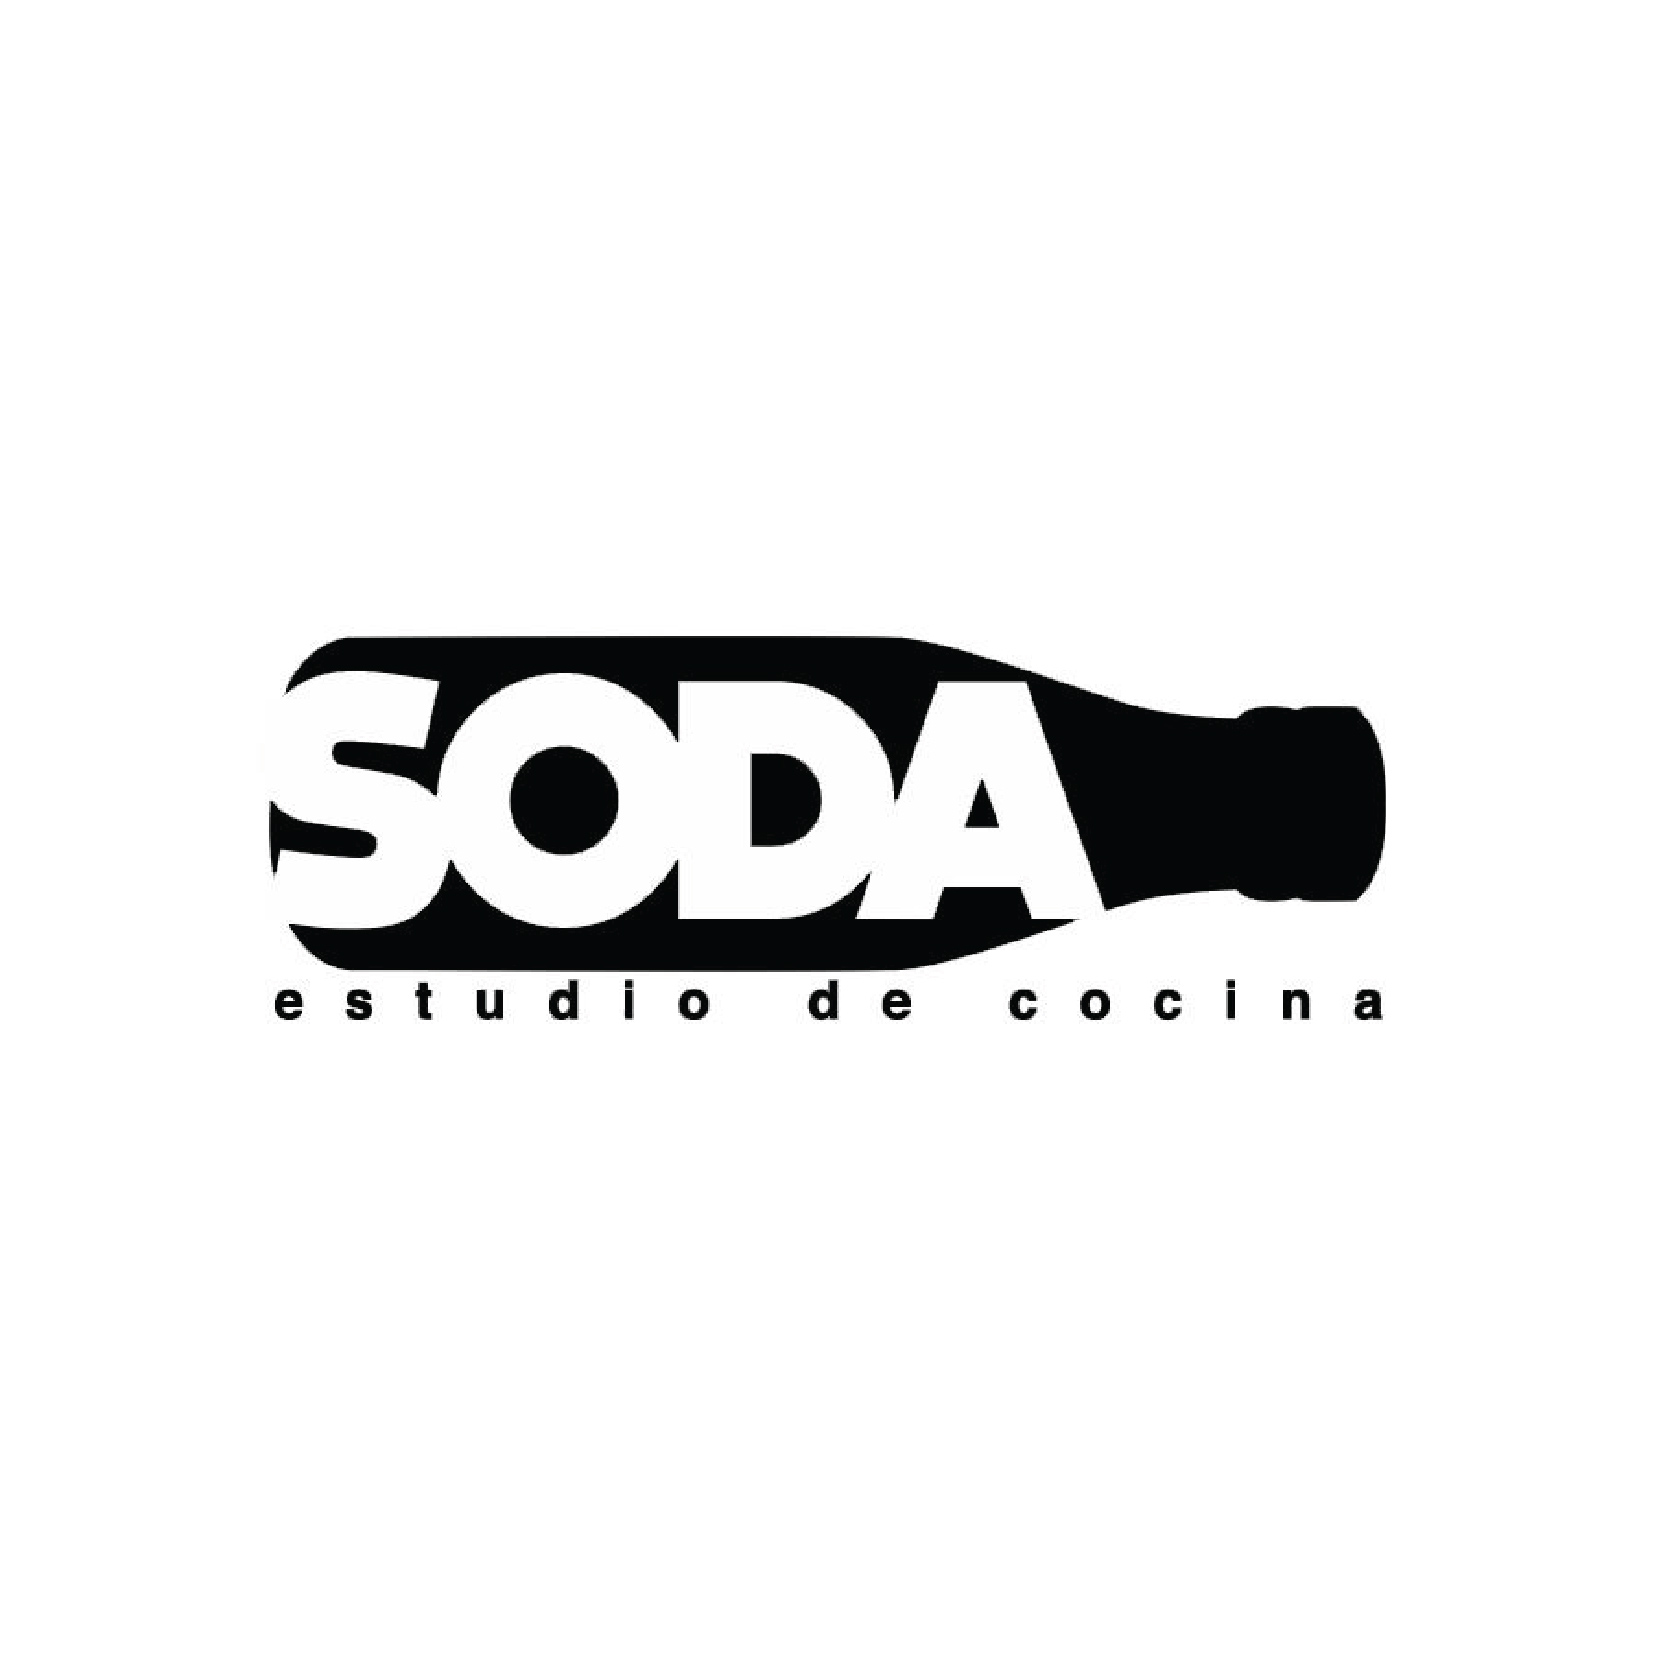 SODA Estudio de Cocina